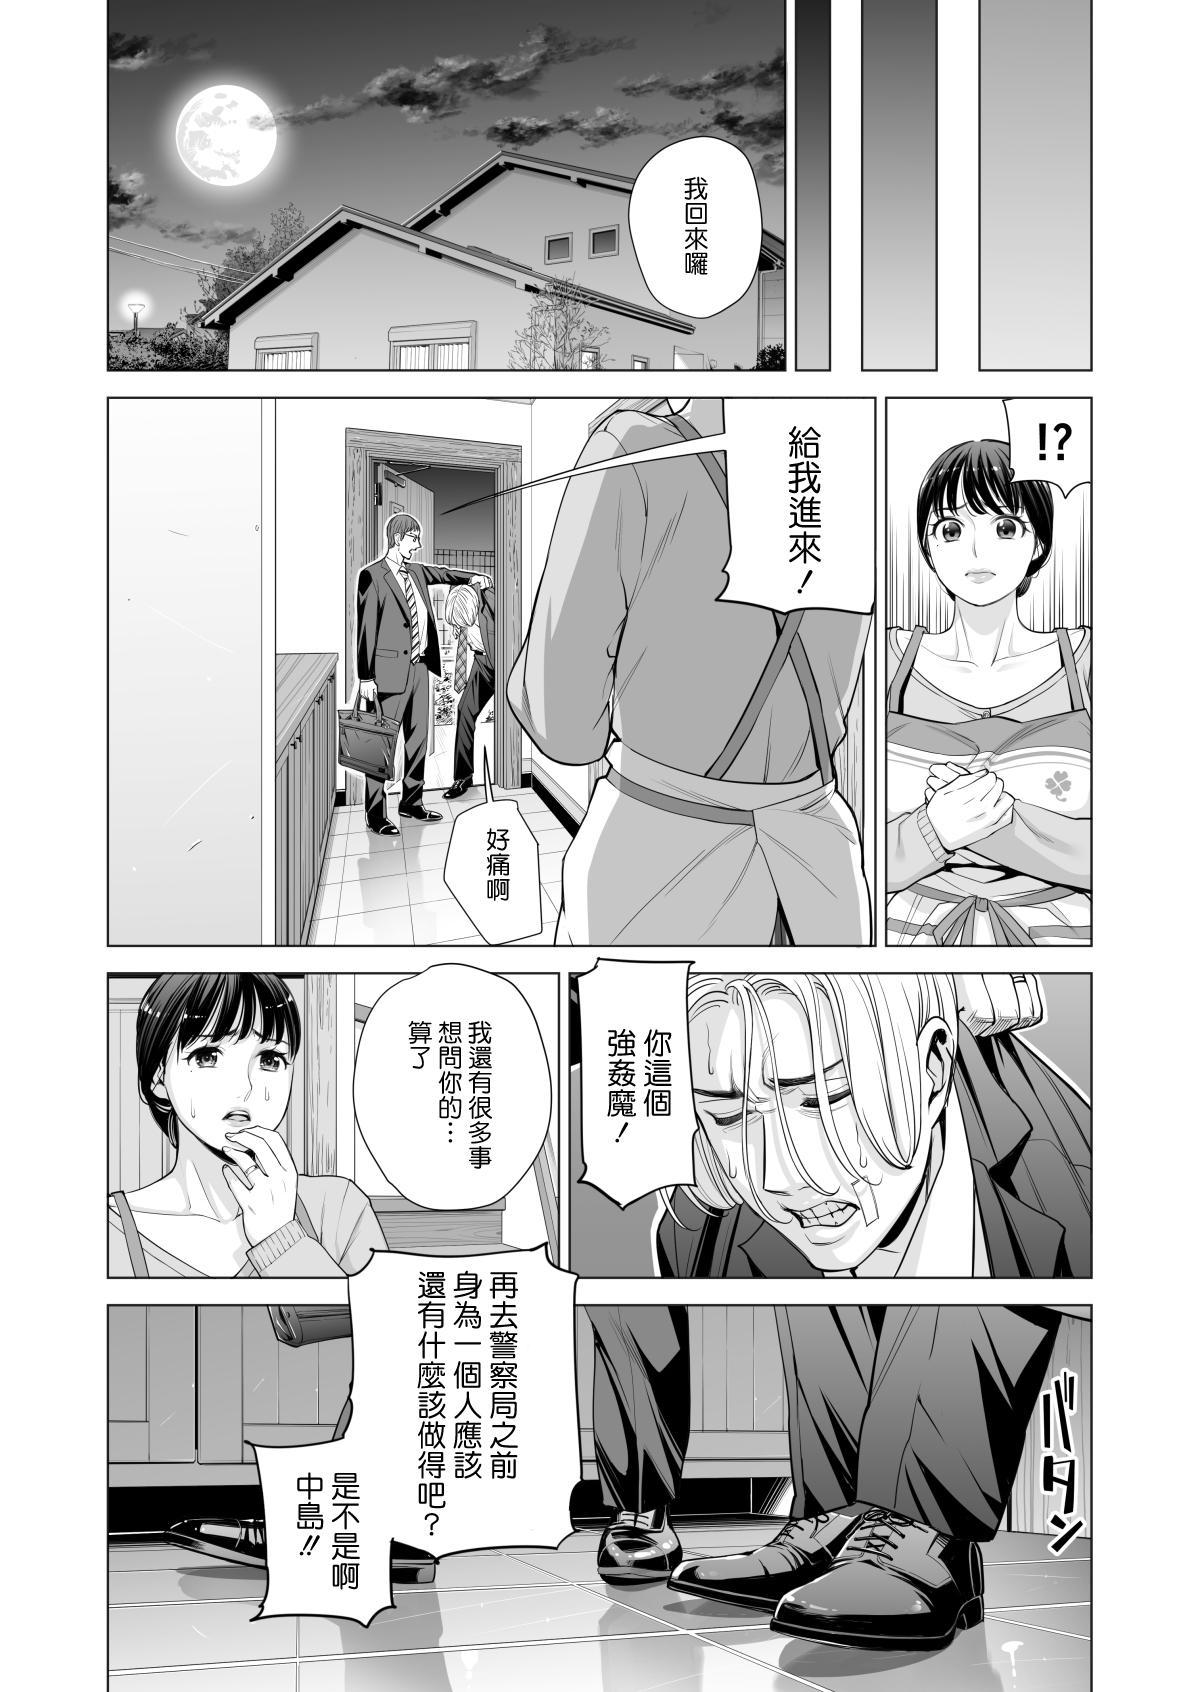 [HGT Lab (Tsusauto)] Tsukiyo no Midare Zake ~Hitozuma wa Yoitsubureta Otto no Soba de Douryou ni Netorareru~ Kouhen (CHINESE) 25